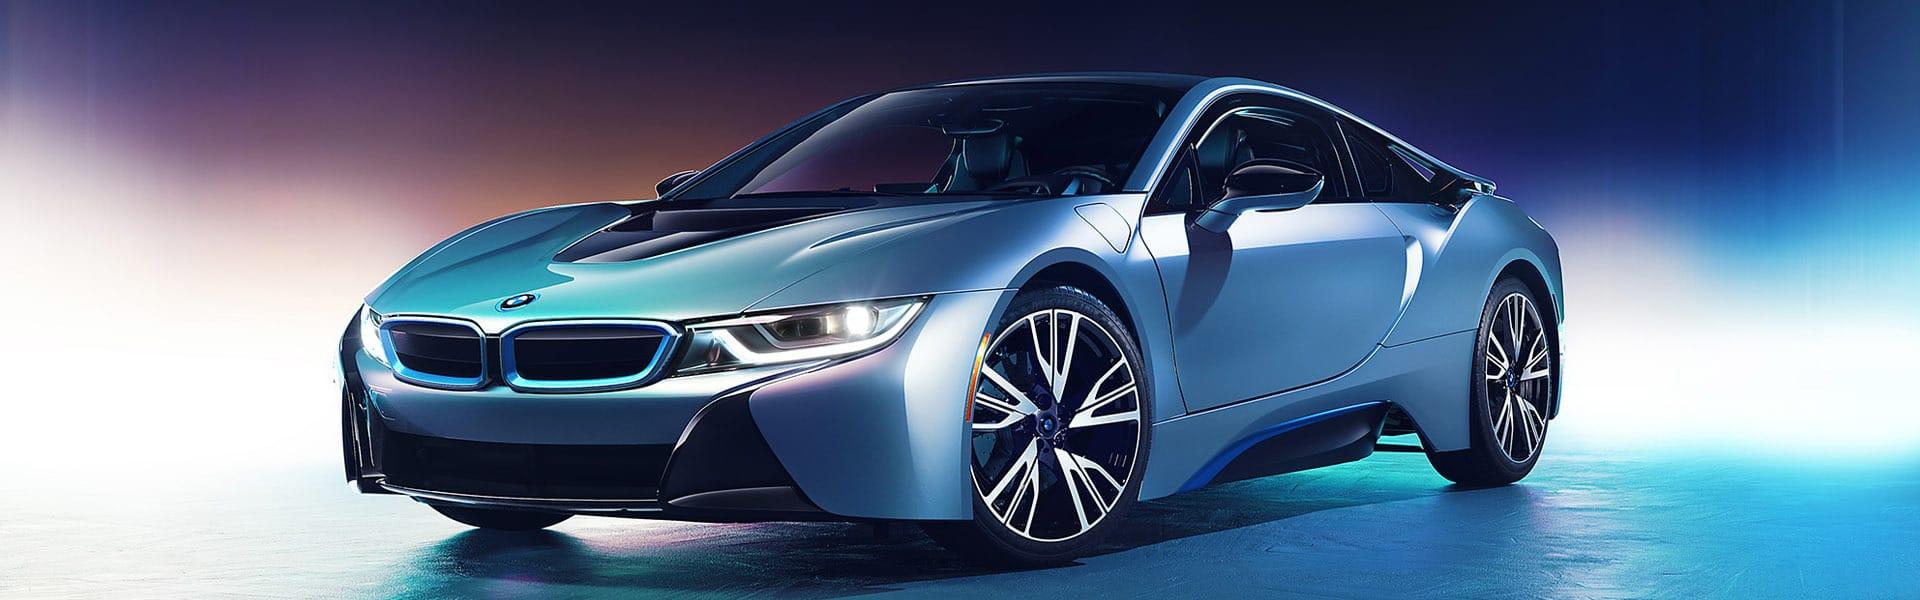 car design software car designing software 3d car 3d design online V-Ray u2014 3D RENDERING SOFTWARE FOR AUTOMOTIVE DESIGN